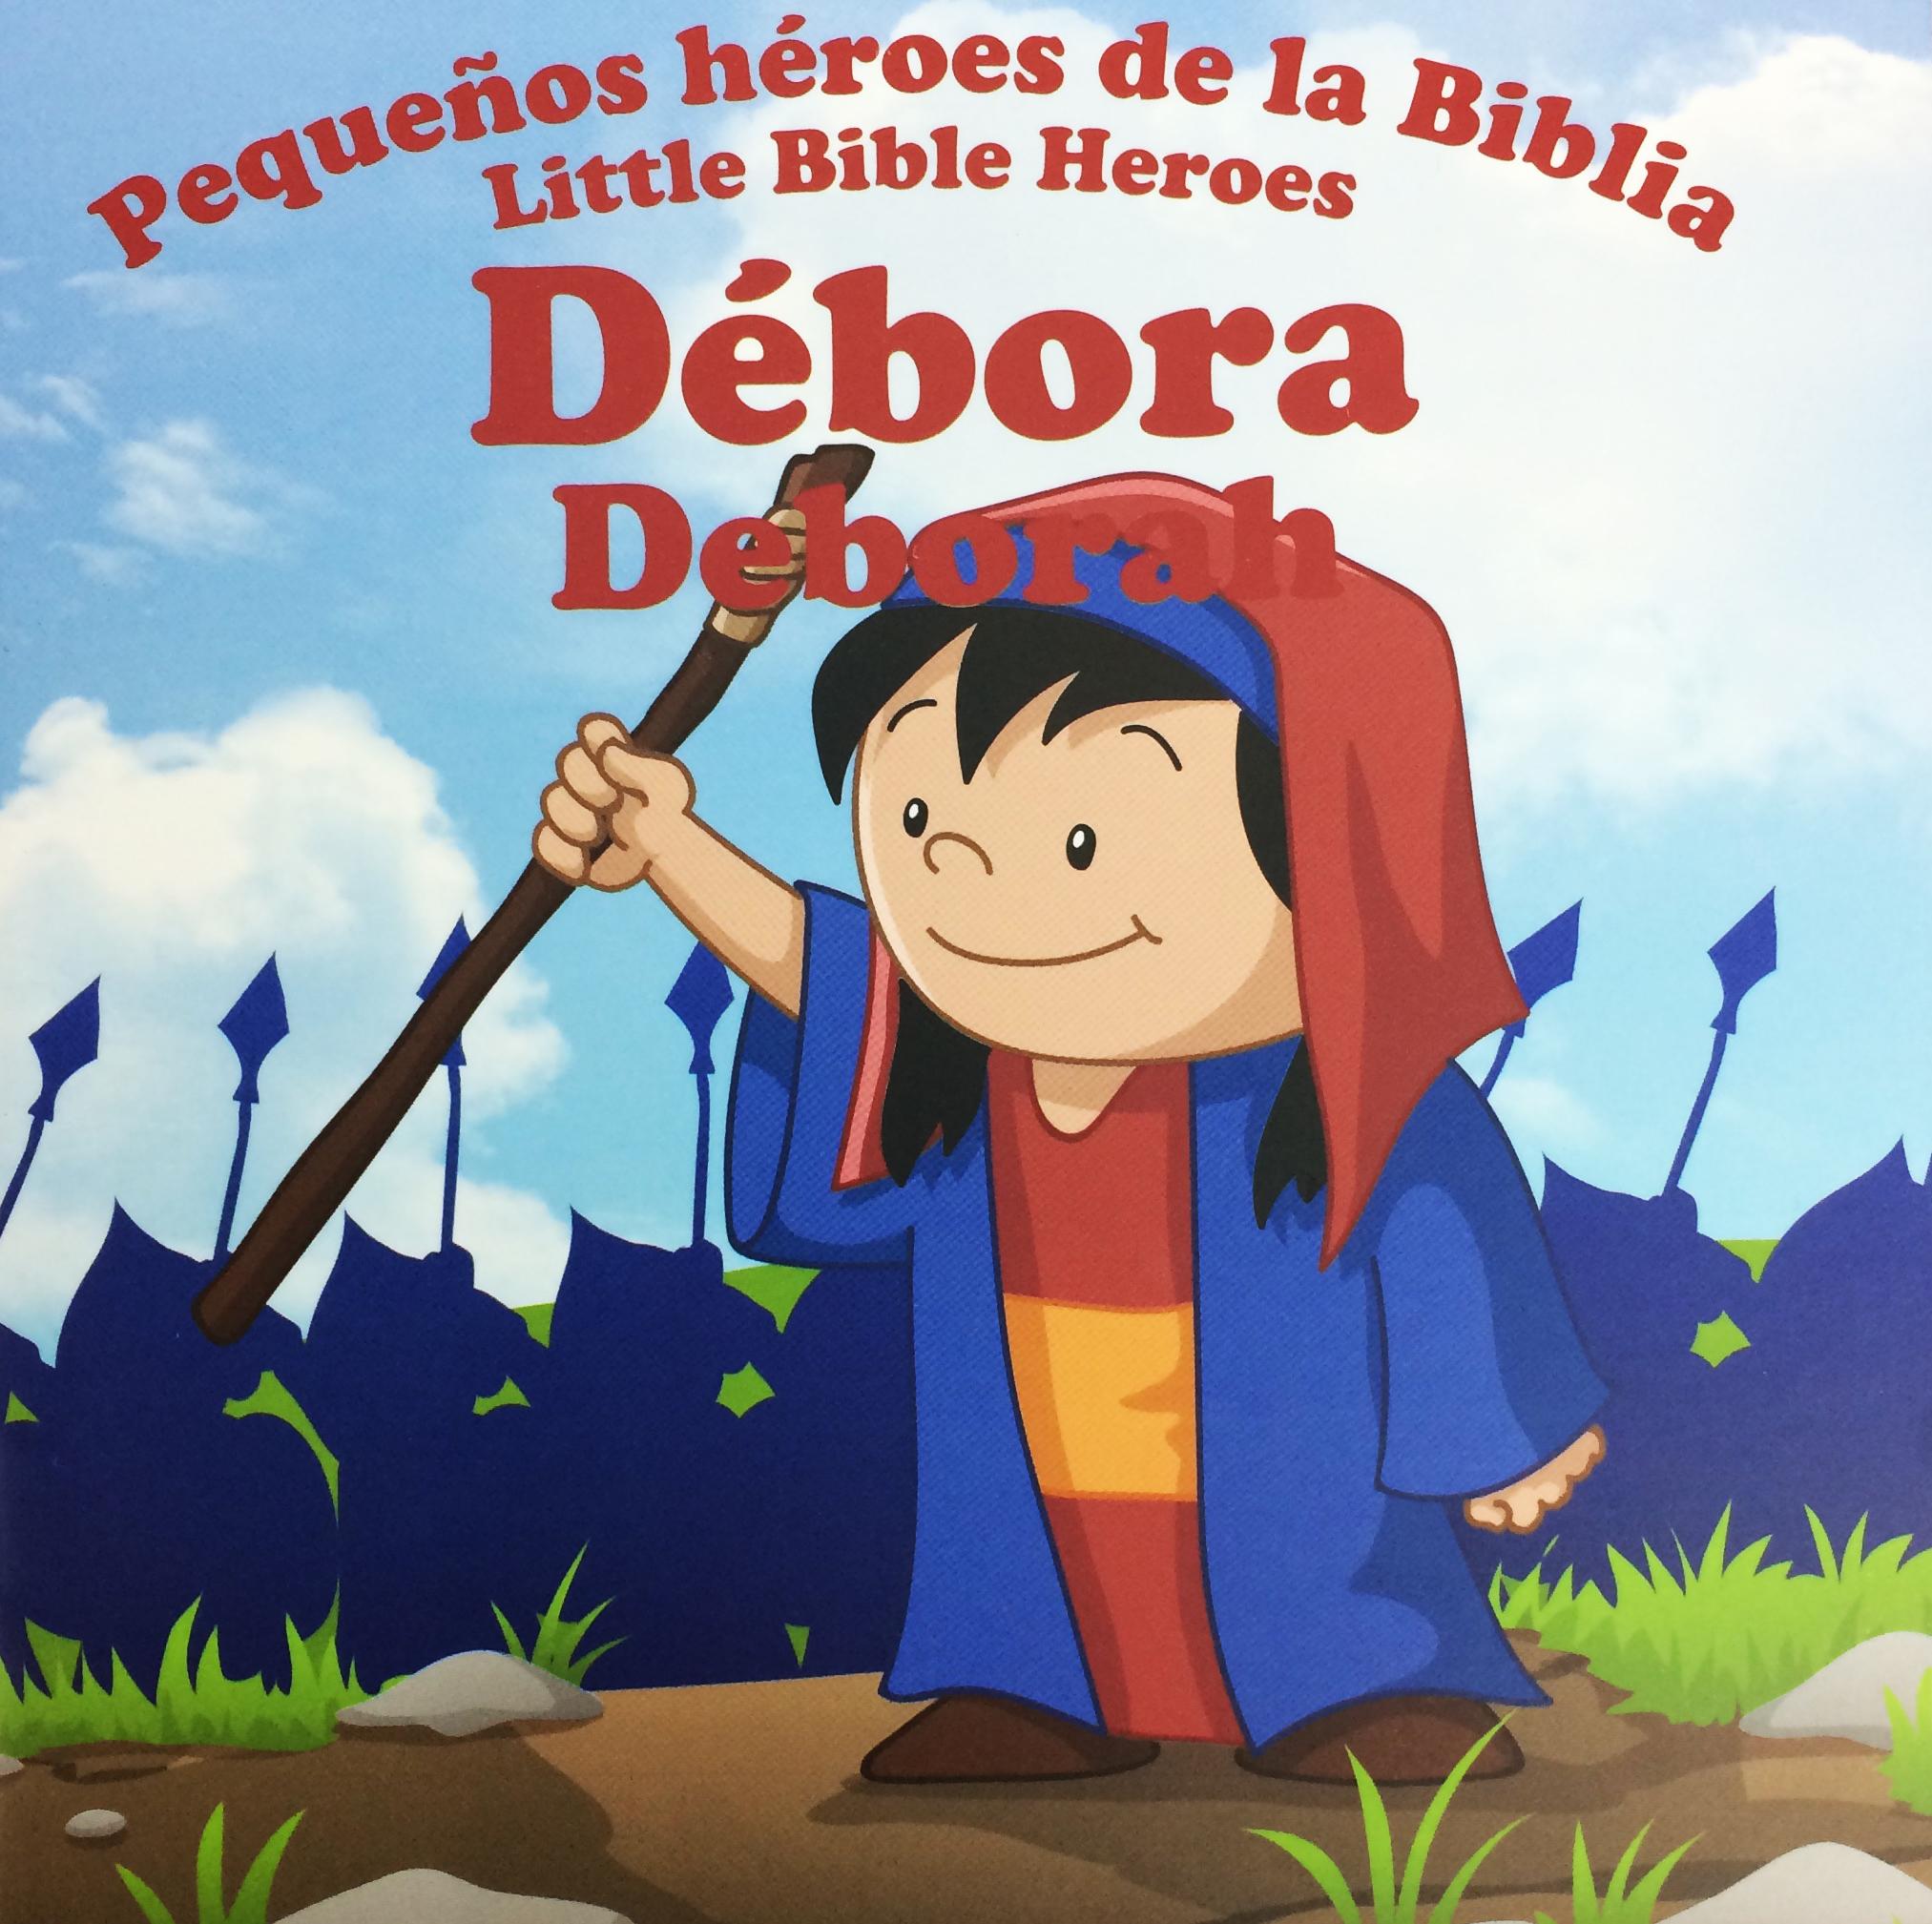 DEBORA PEQUEÑOS HEROES